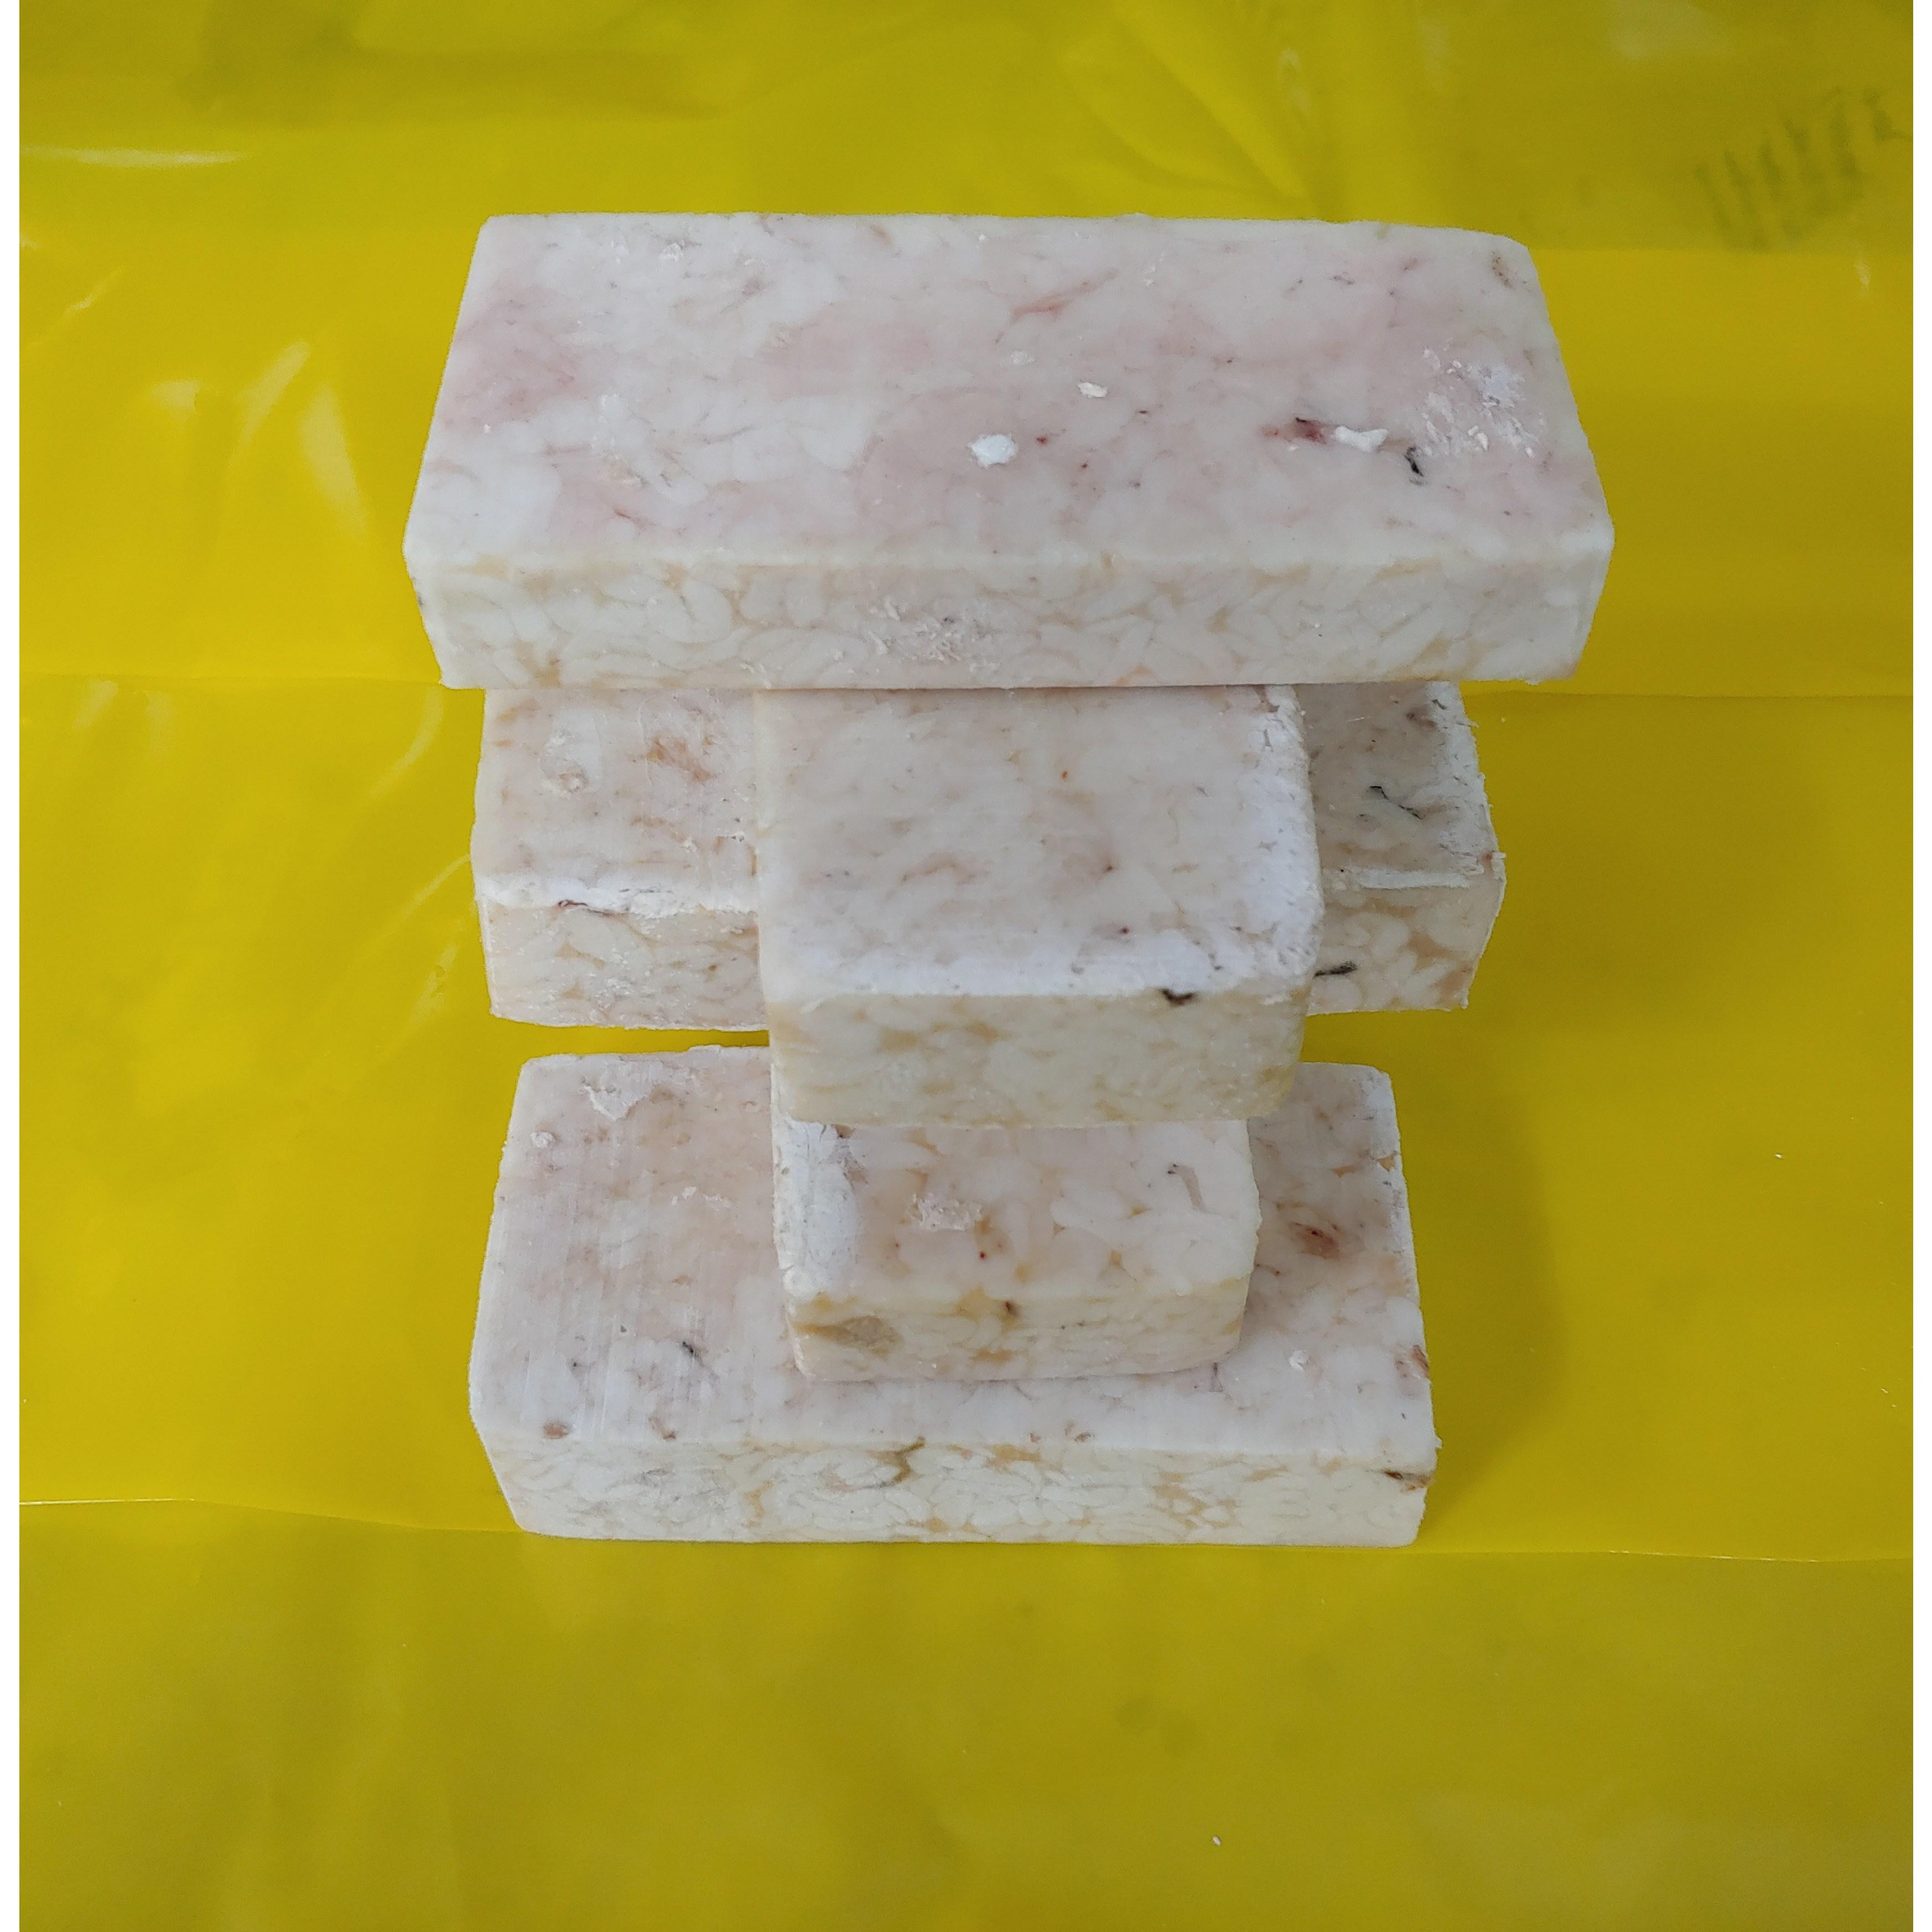 다원 냉동 동태곤이 1kg (알탕재료 찜재료), 1팩